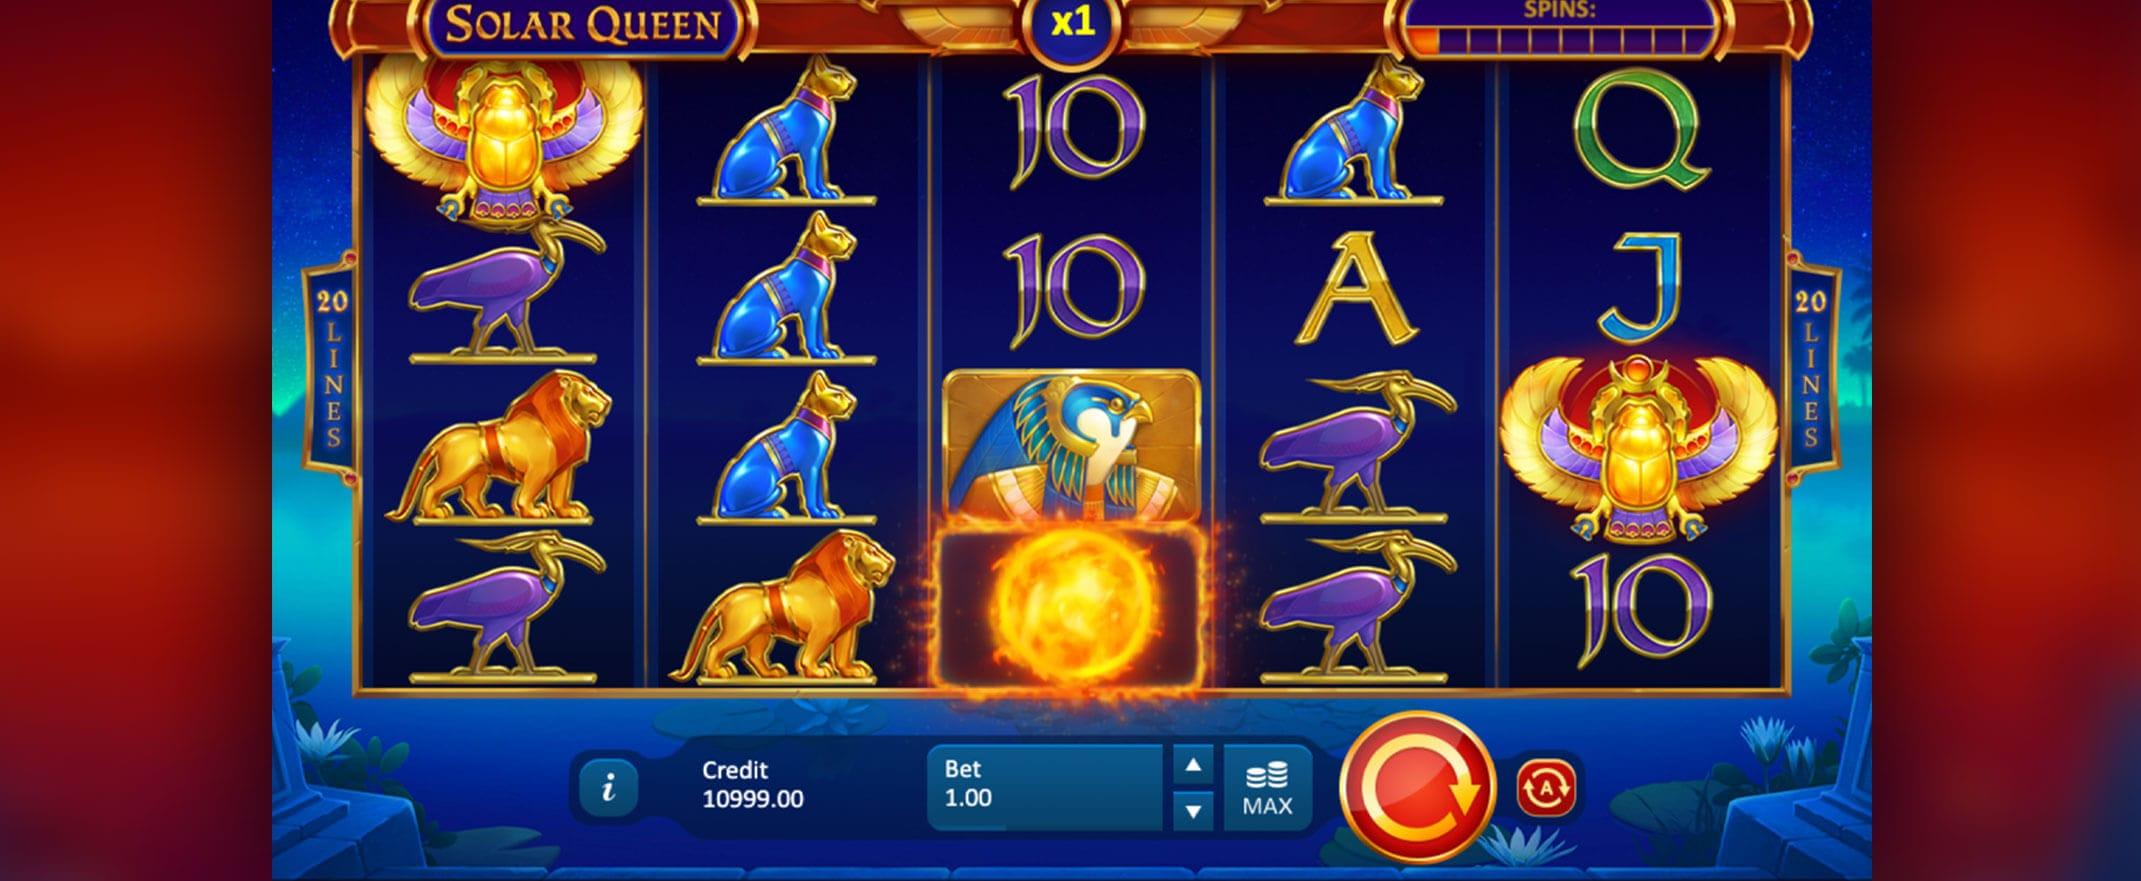 Solar Queen New Online Slot Gameplay